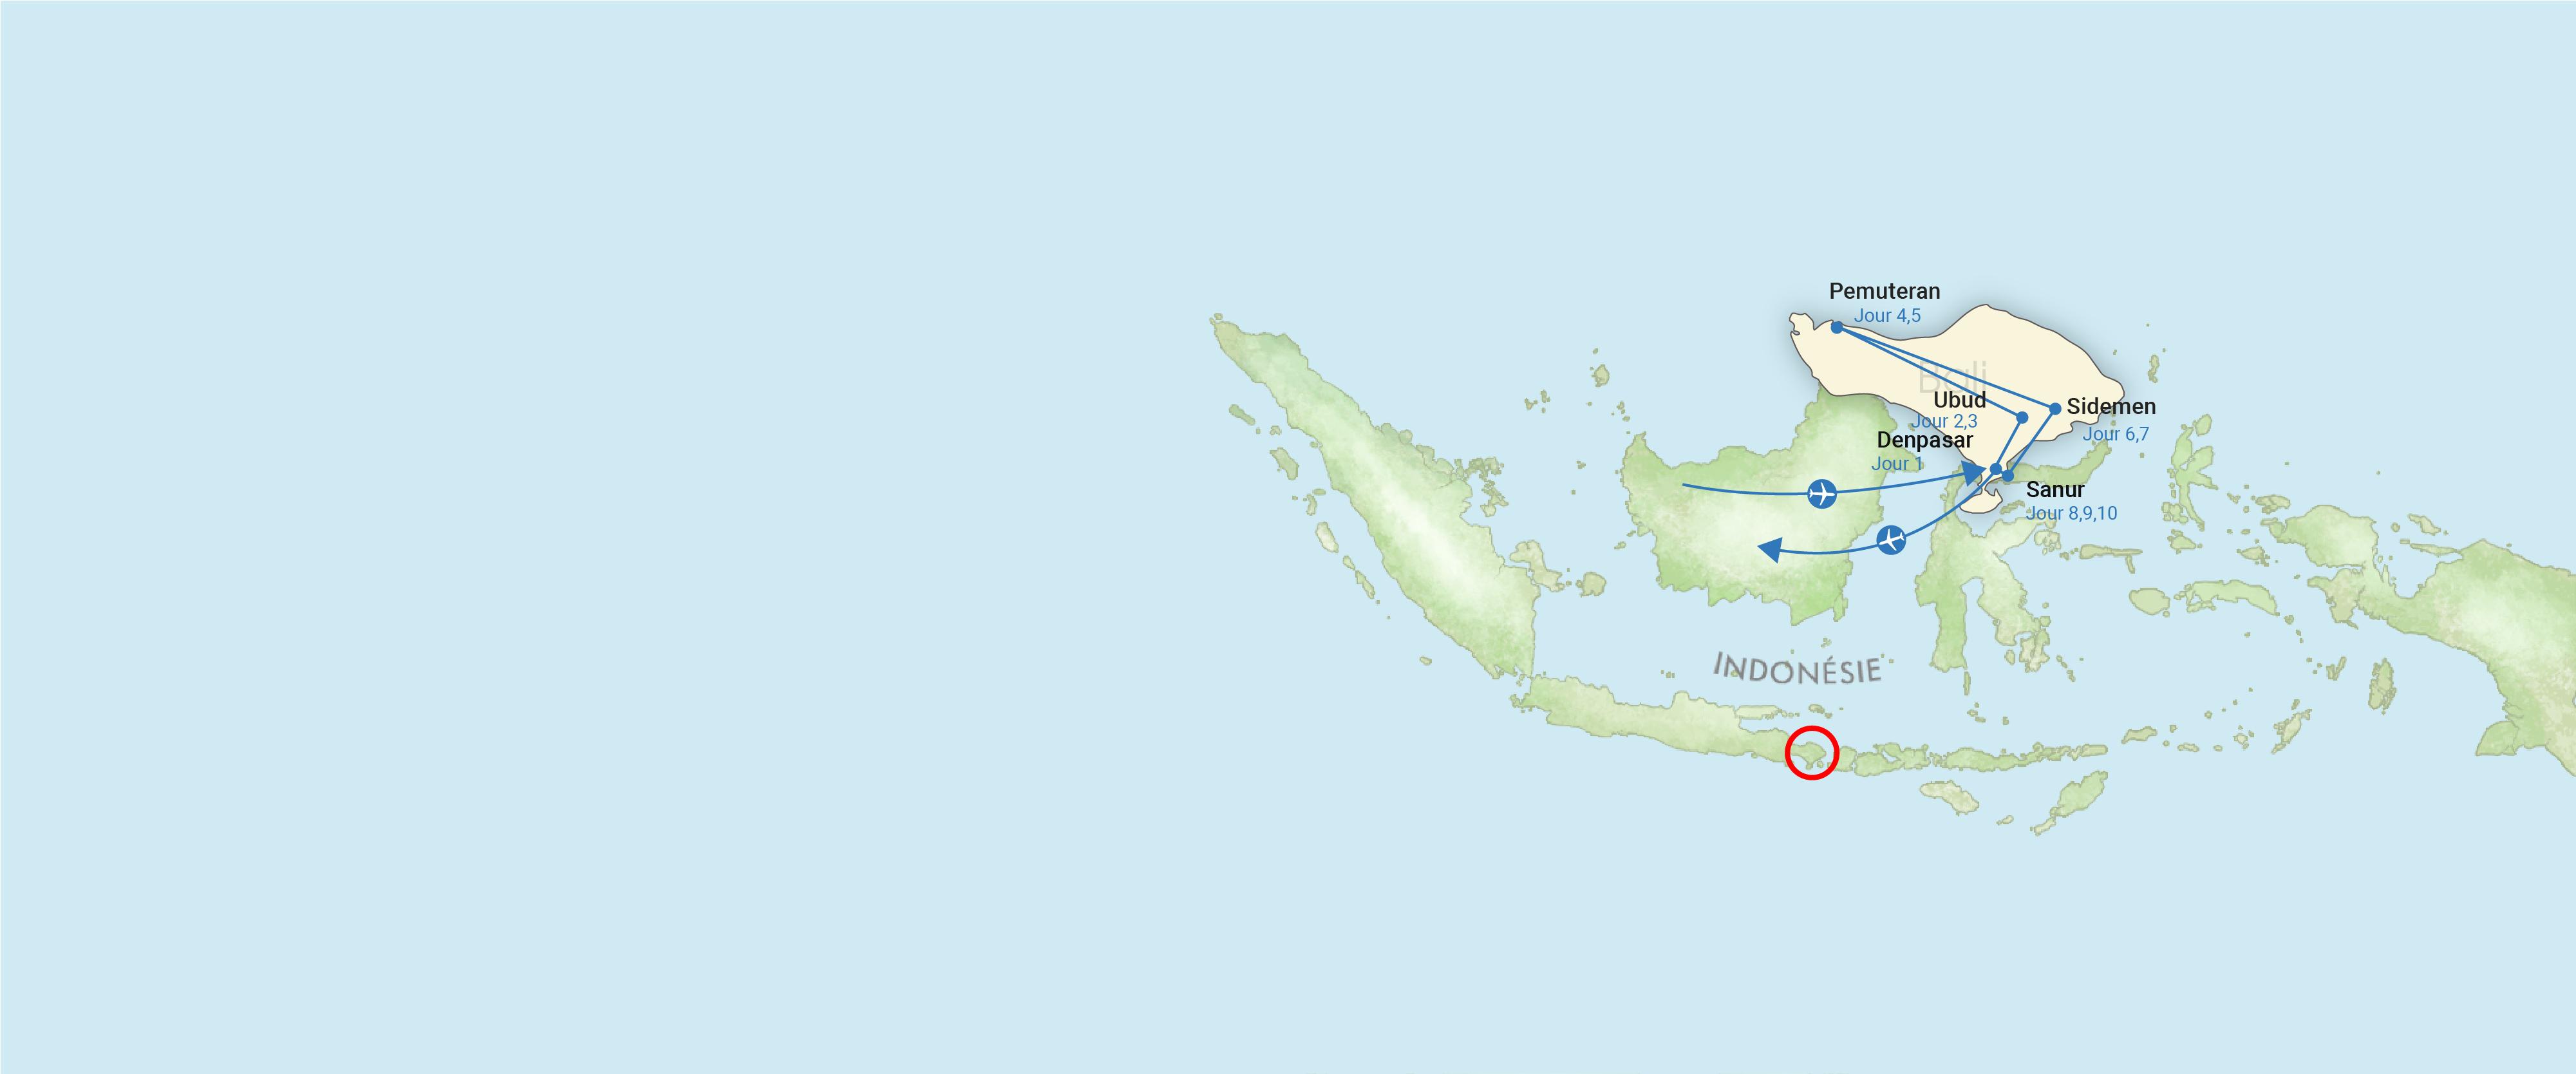 indonesie, carte, voyage, asiatica travel, essentiel, bali